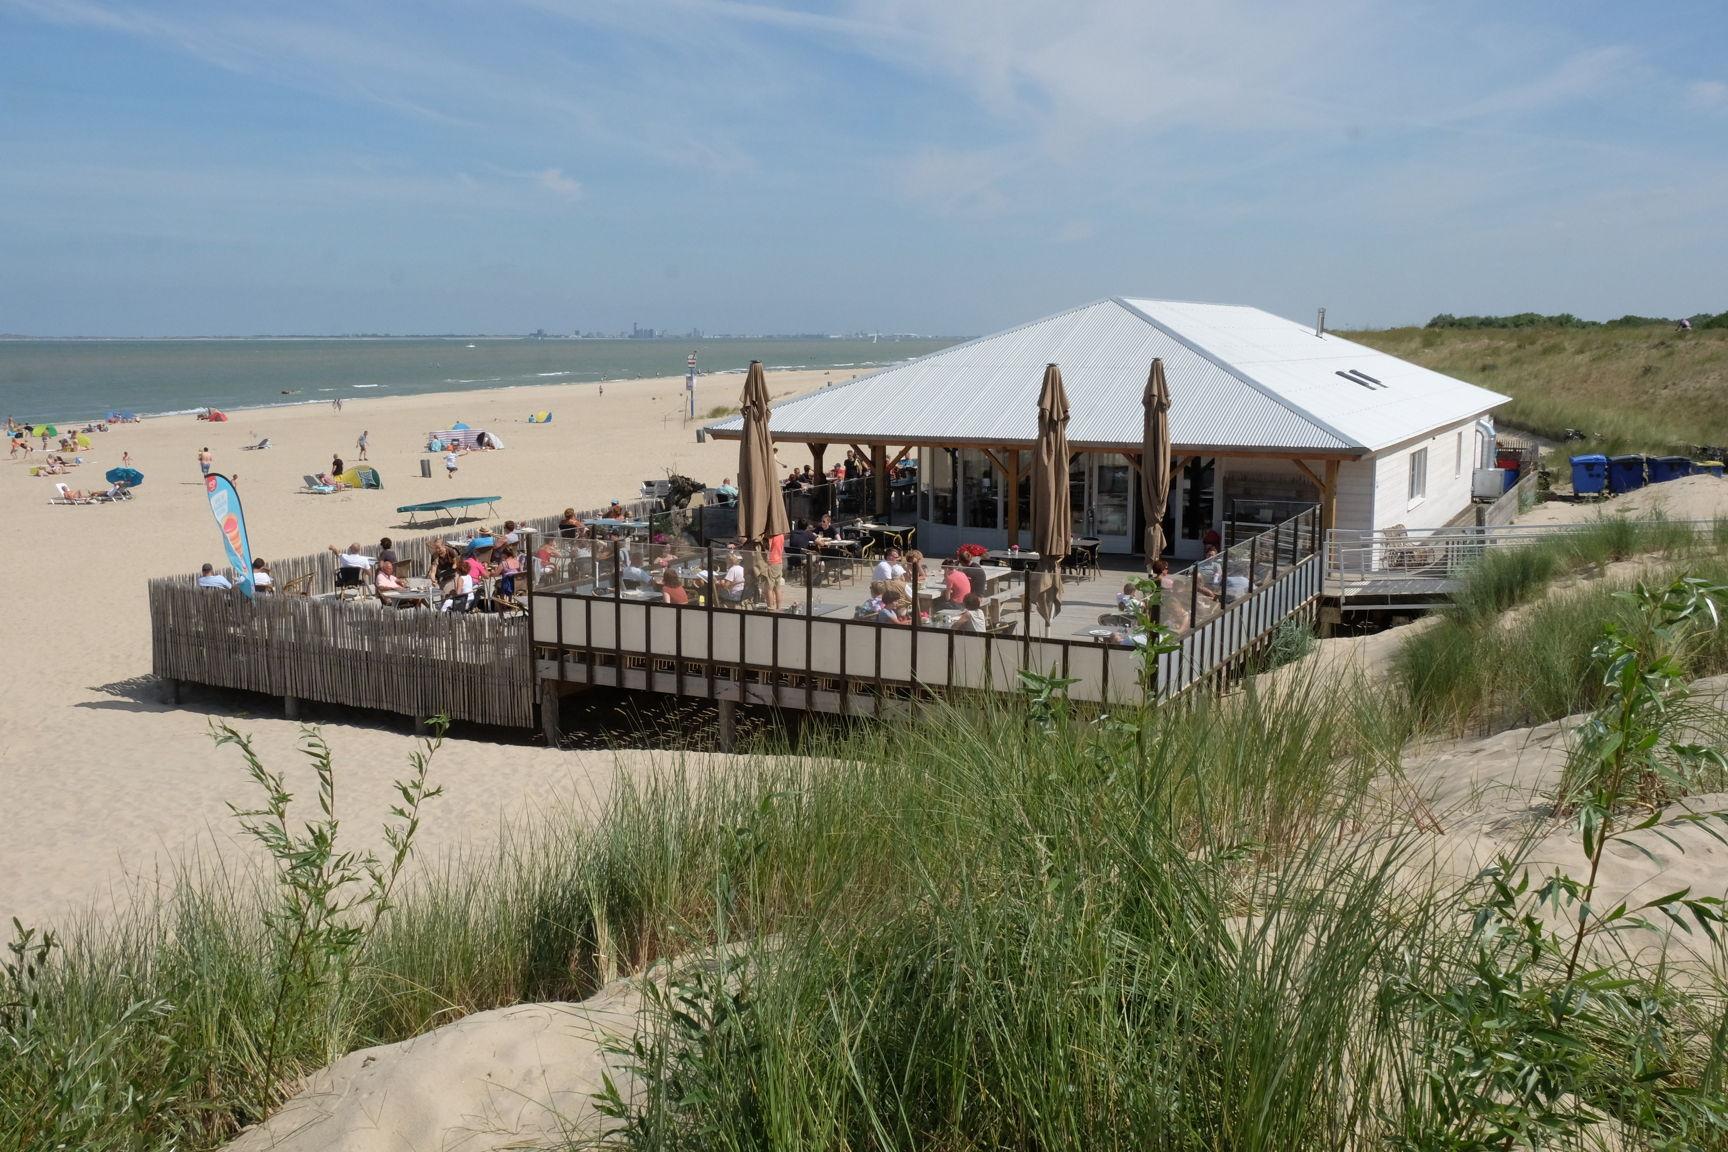 Ferienwohnung - Sterflat 189 - Egmond aan Zee